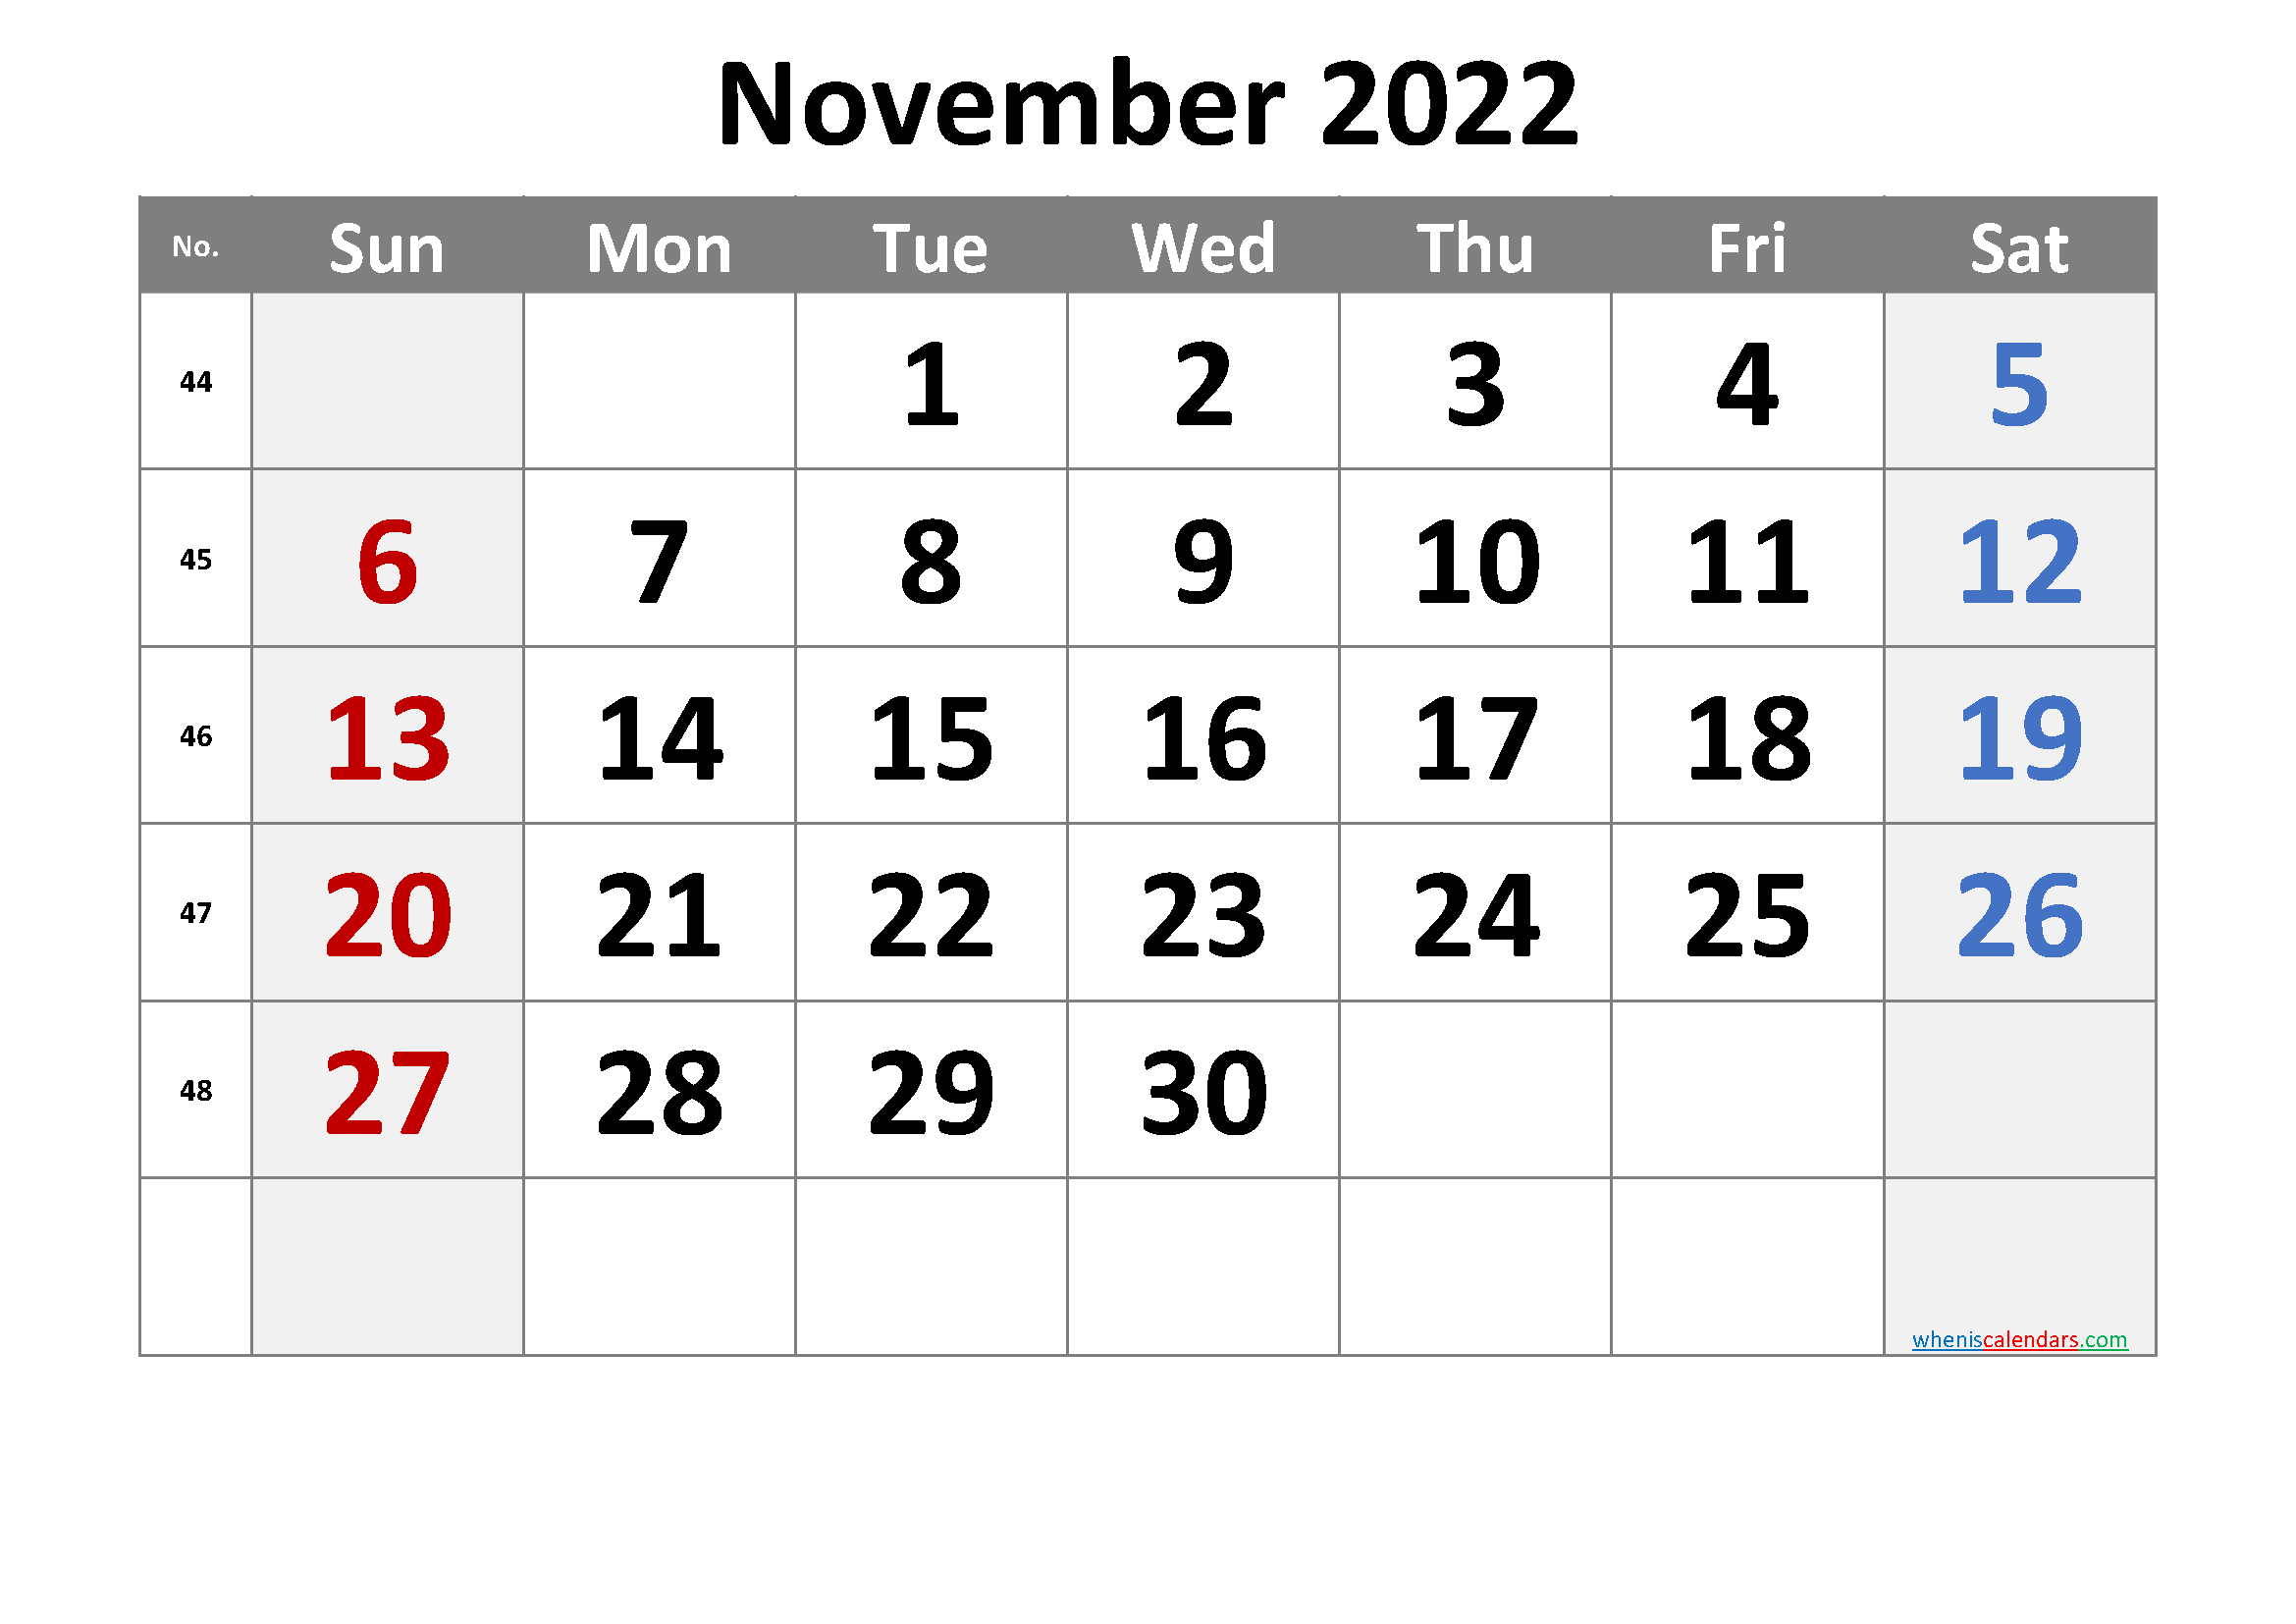 November 2022 Printable Calendar with Week Numbers